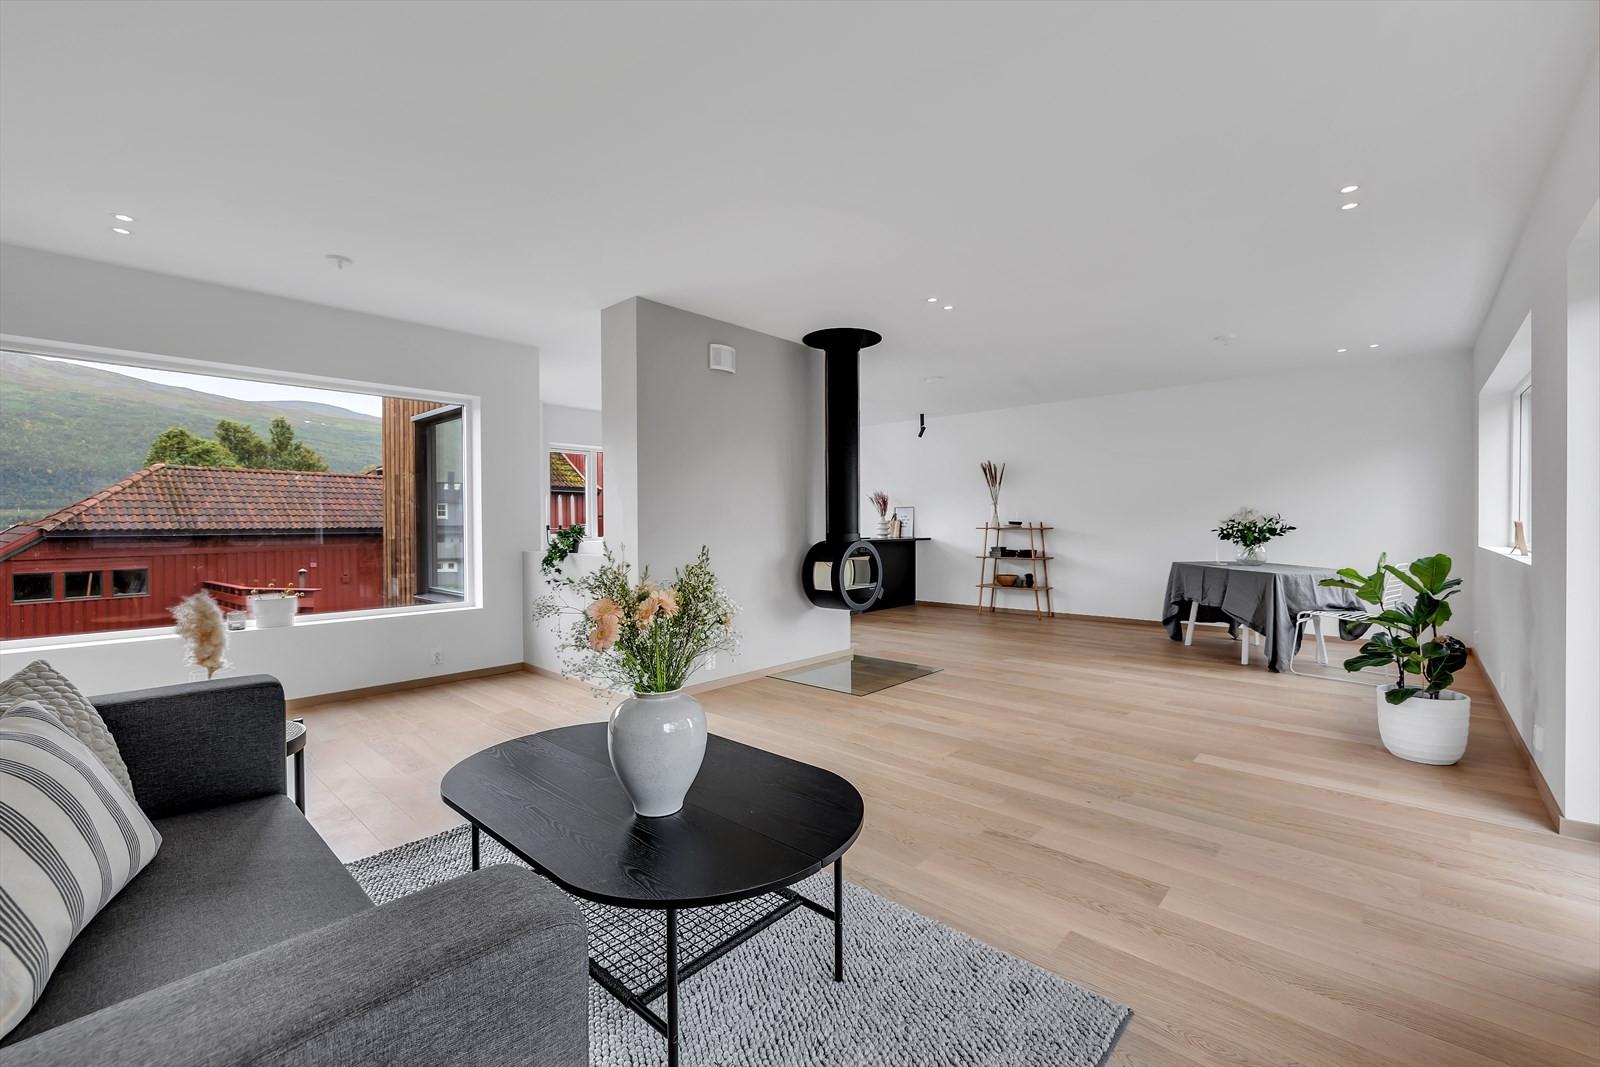 Stor stue hvor det er plass til mye møbler